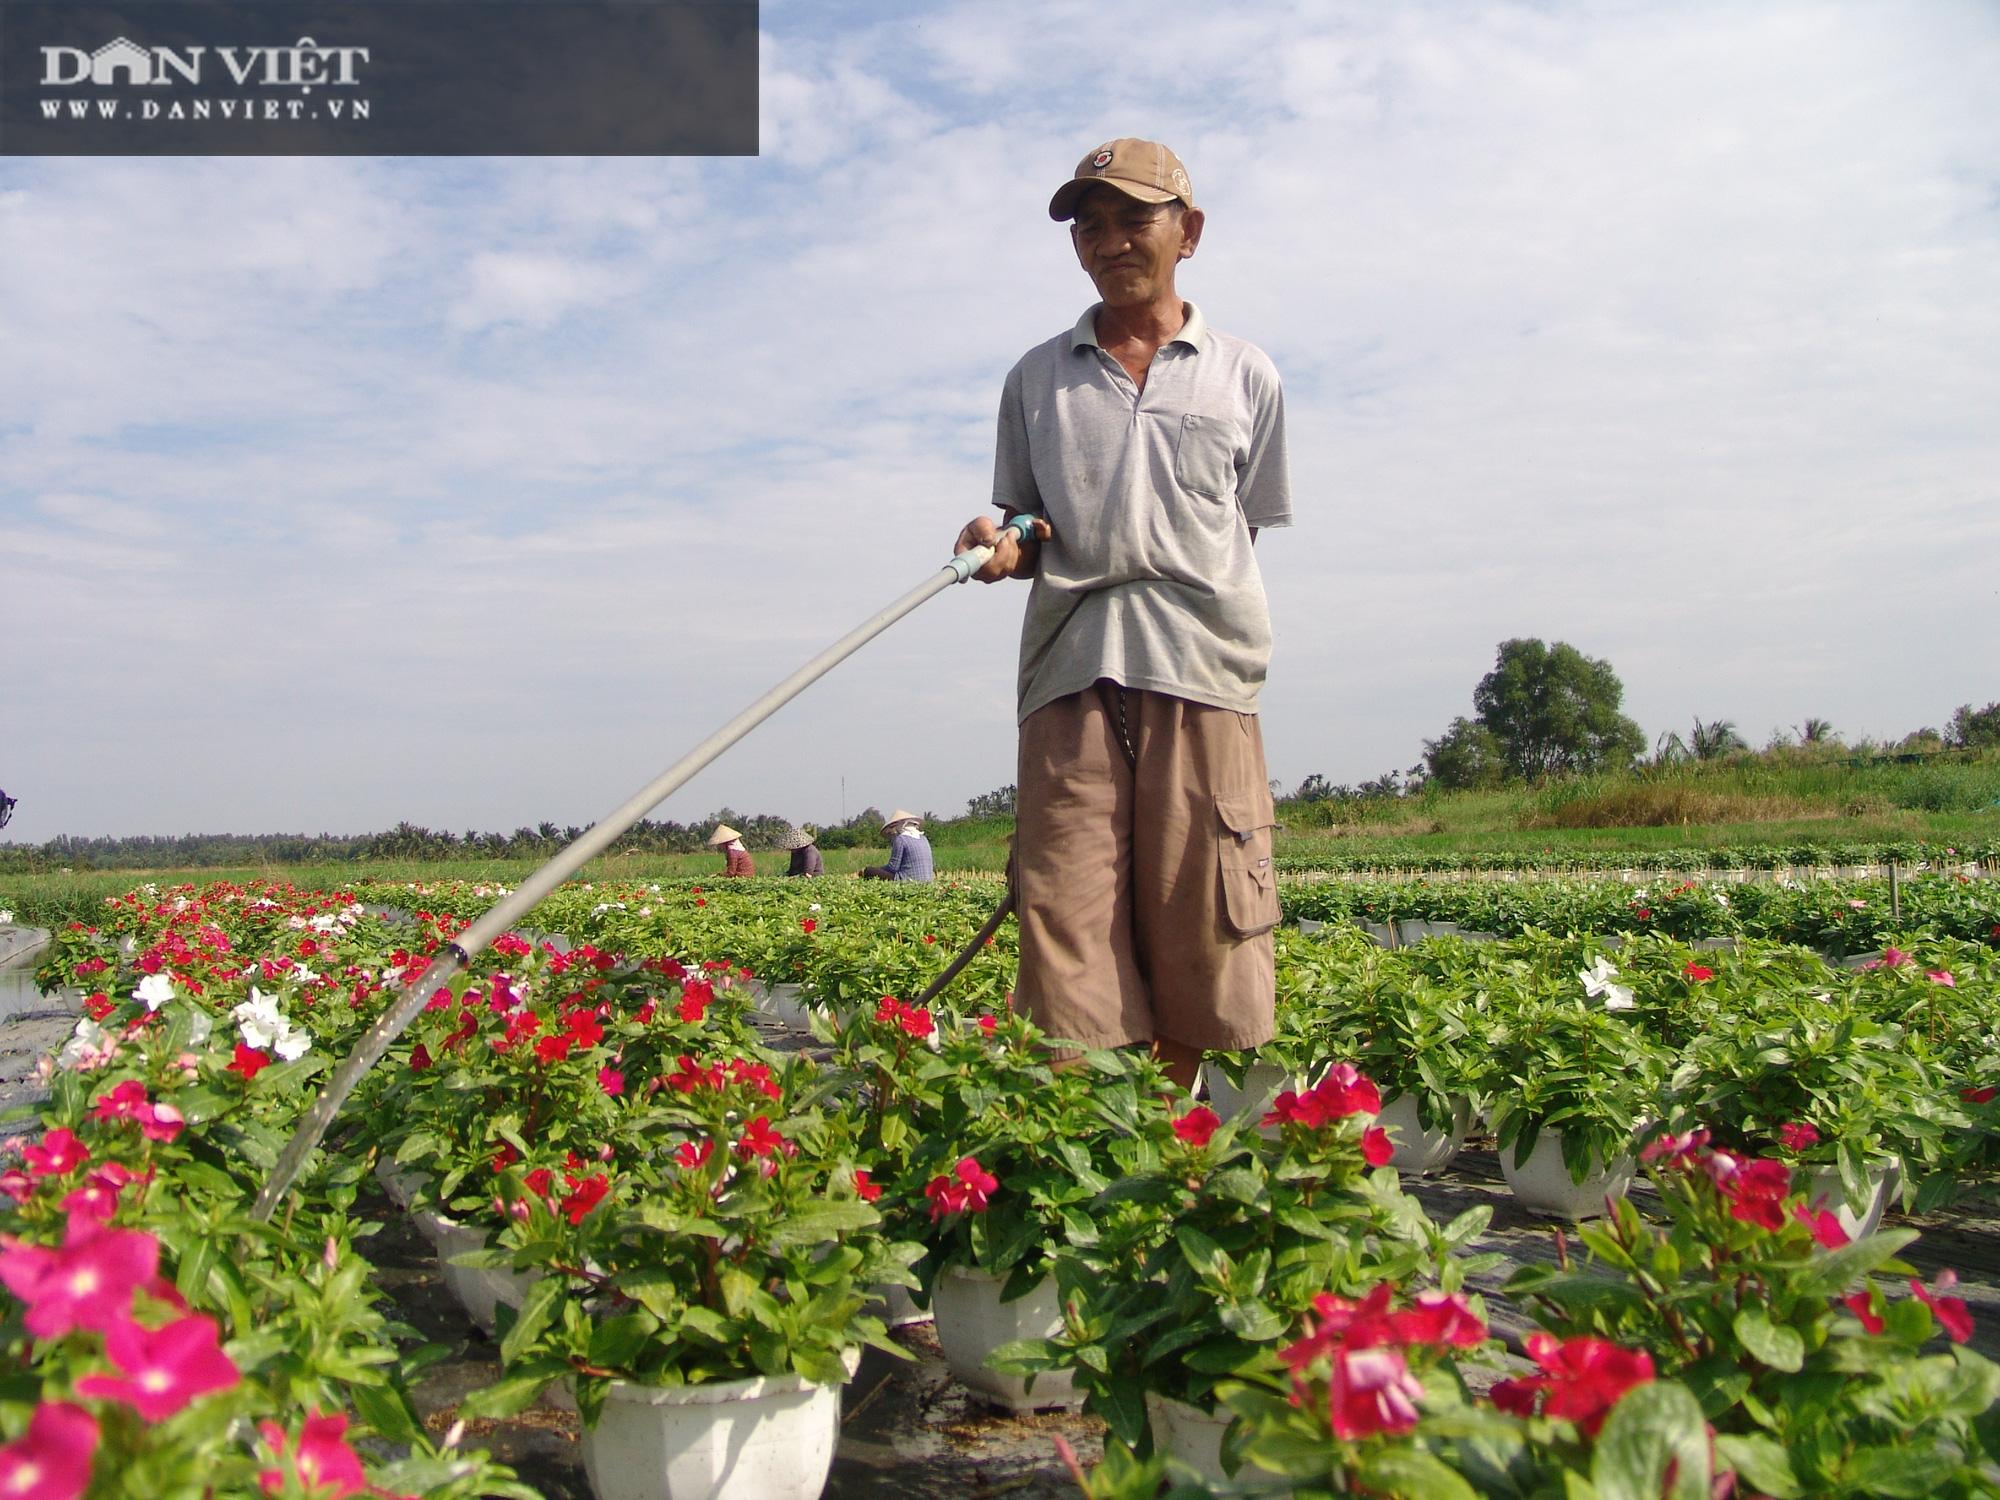 Từ chậu hoa dừa cạn mua chơi, nông dân chân đất trở thành tỷ phú - Ảnh 2.